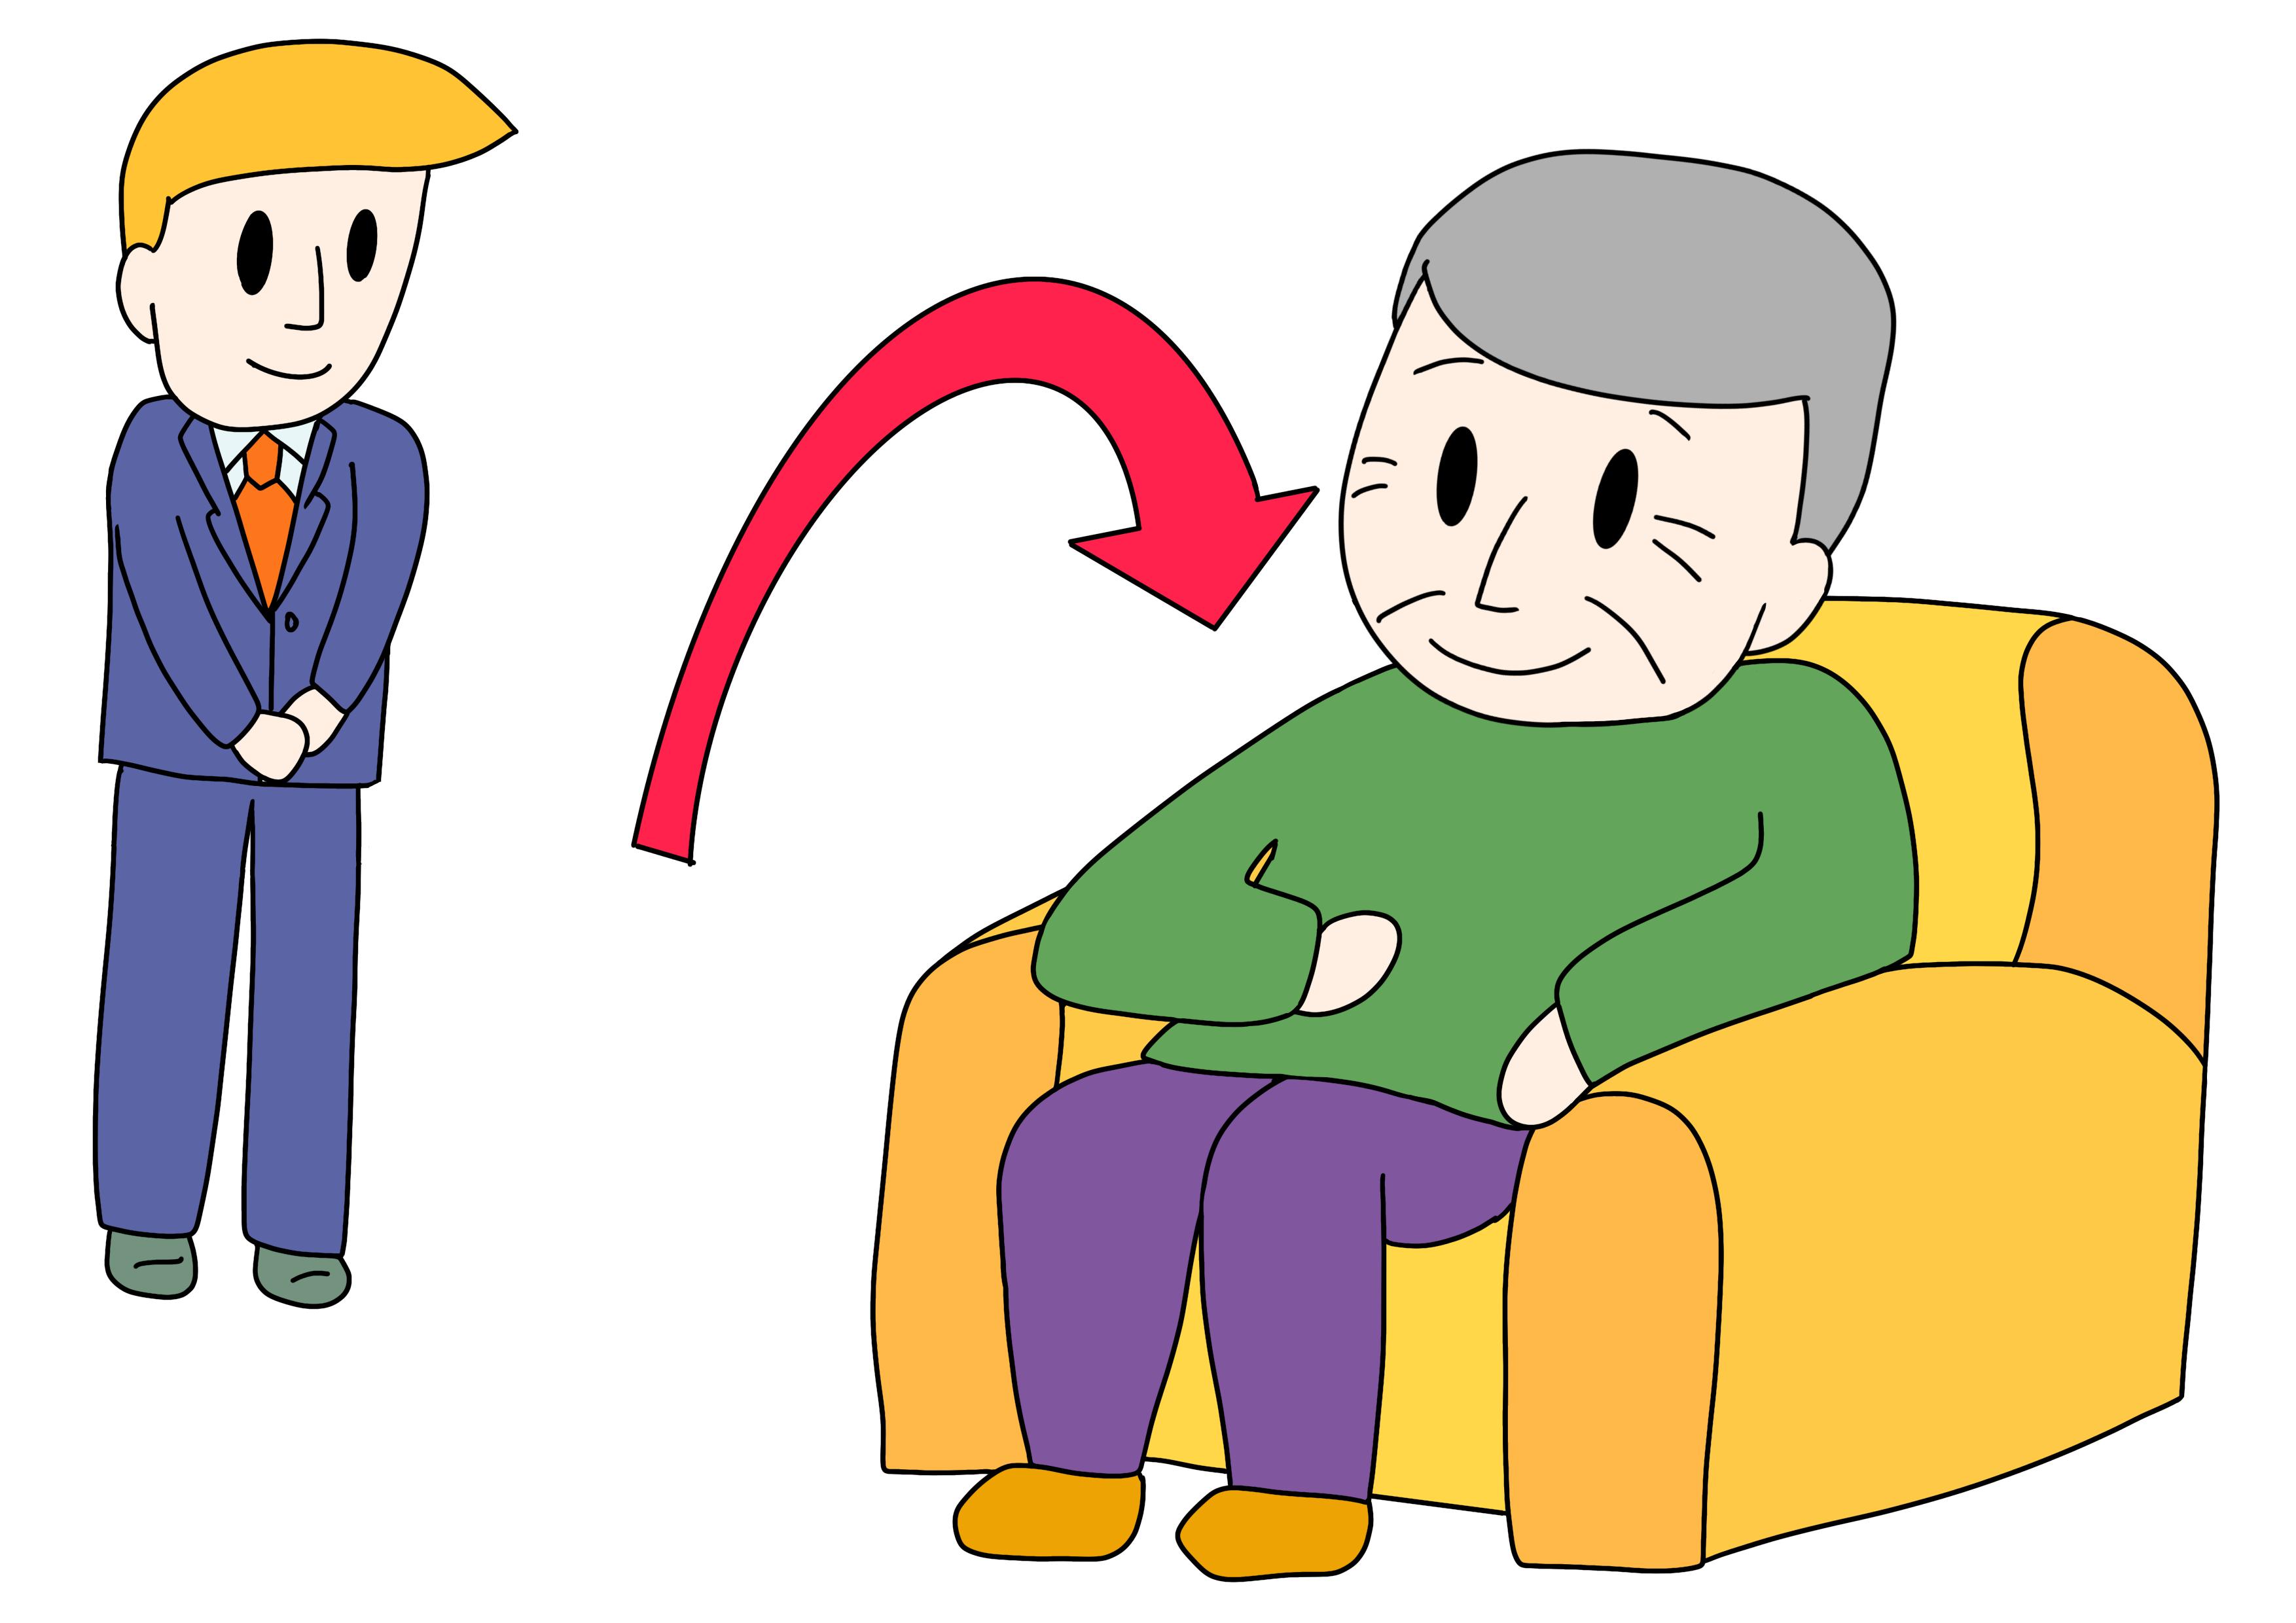 49課イラスト【いすに座る/腰掛ける】